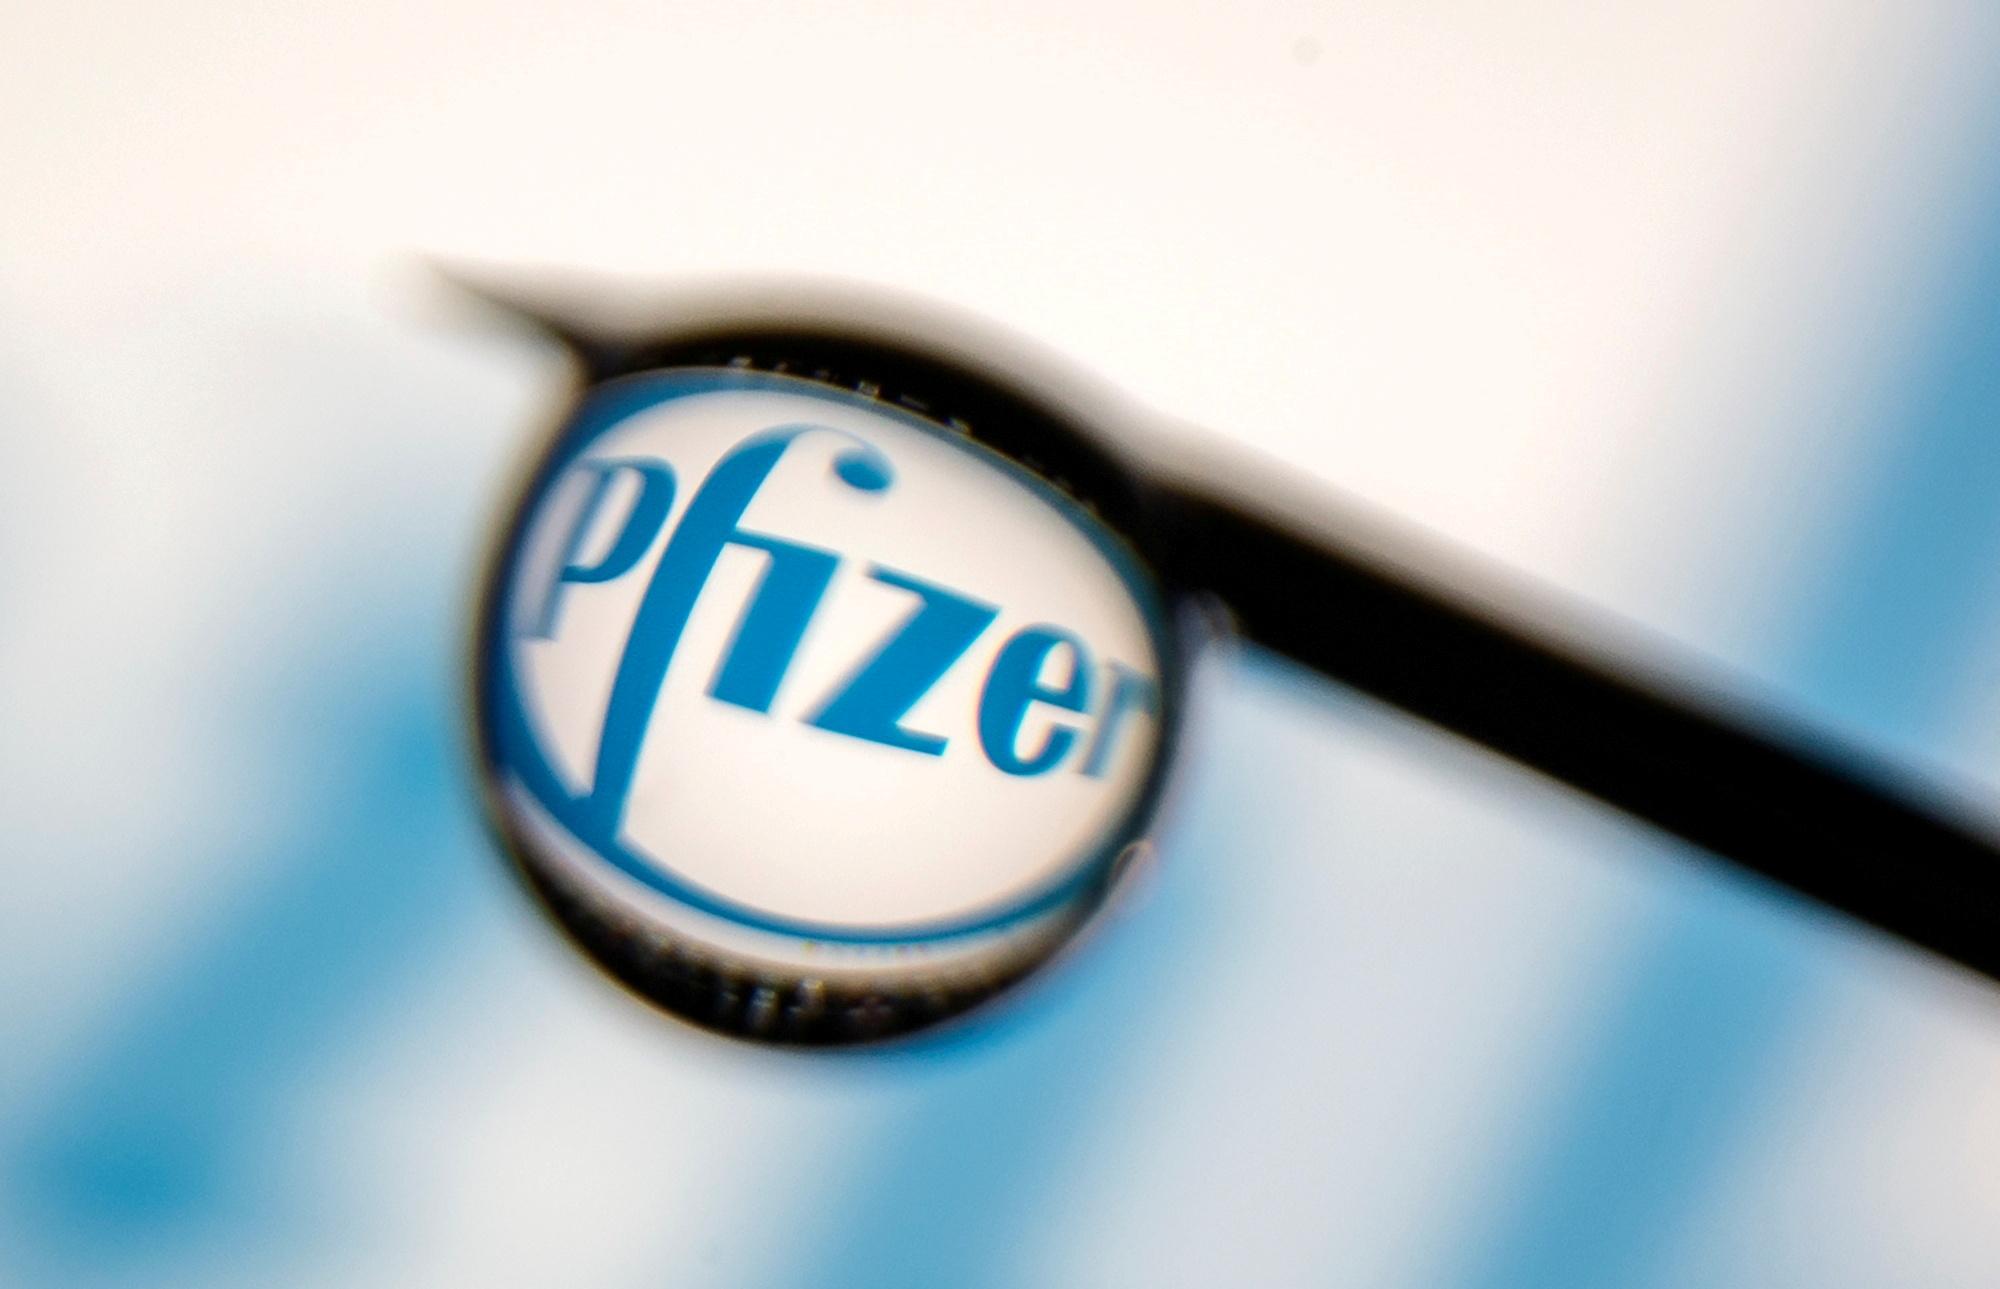 Η Pfizer δοκιμάζει και εμβόλιο mRNA για τη γρίπη